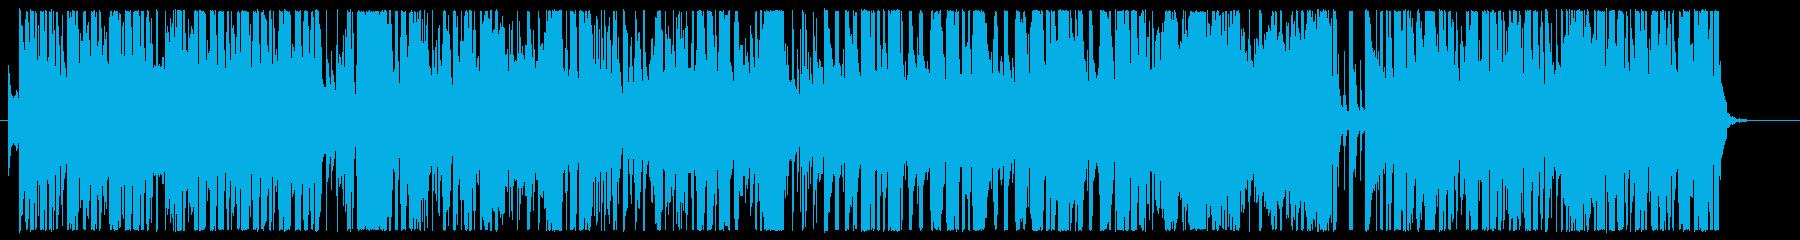 歌って踊って、はしゃぎ回れる1曲の再生済みの波形